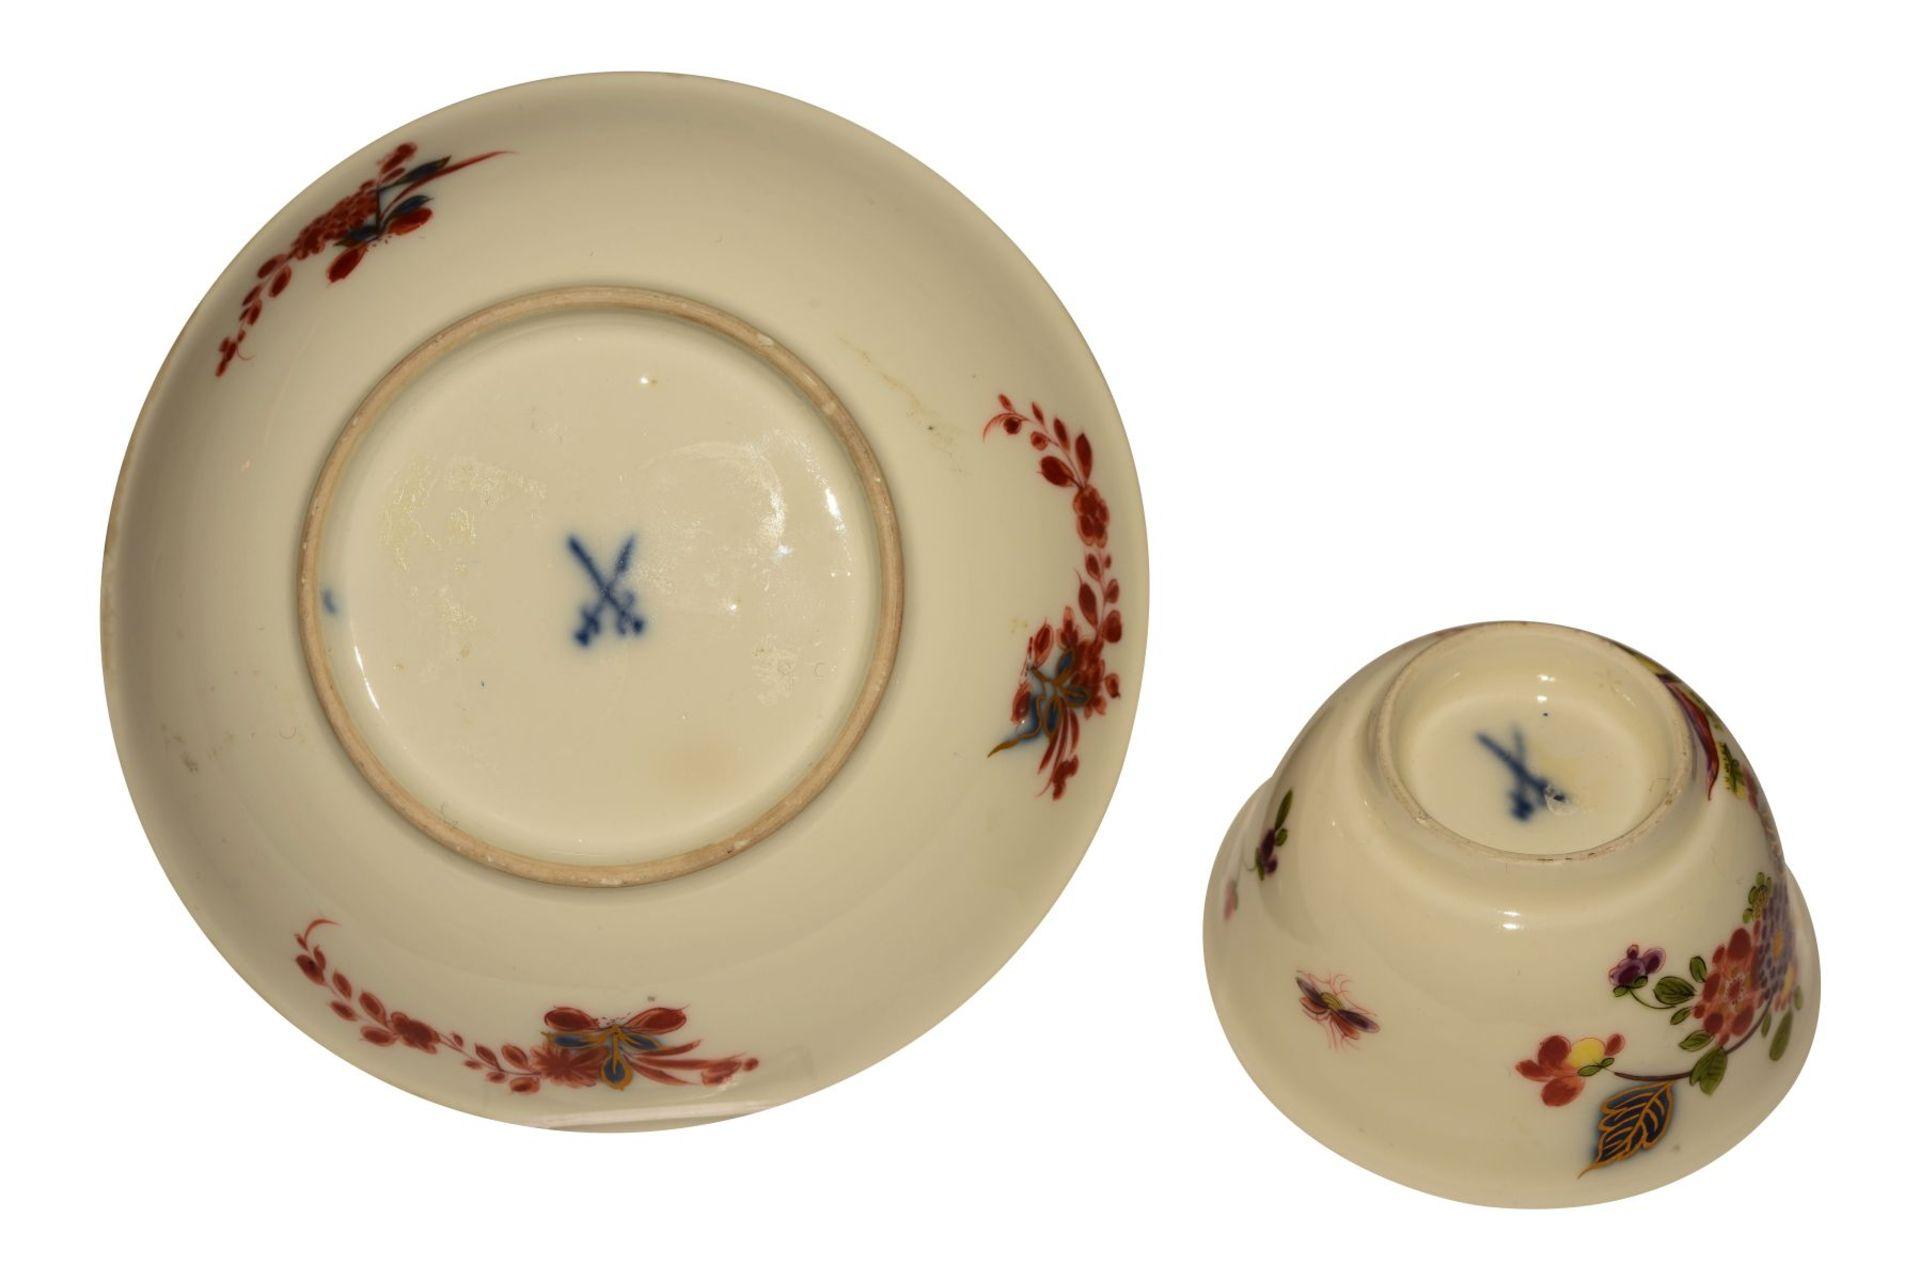 Koppchen mit Untertasse Meissen 1730 - Bild 3 aus 3